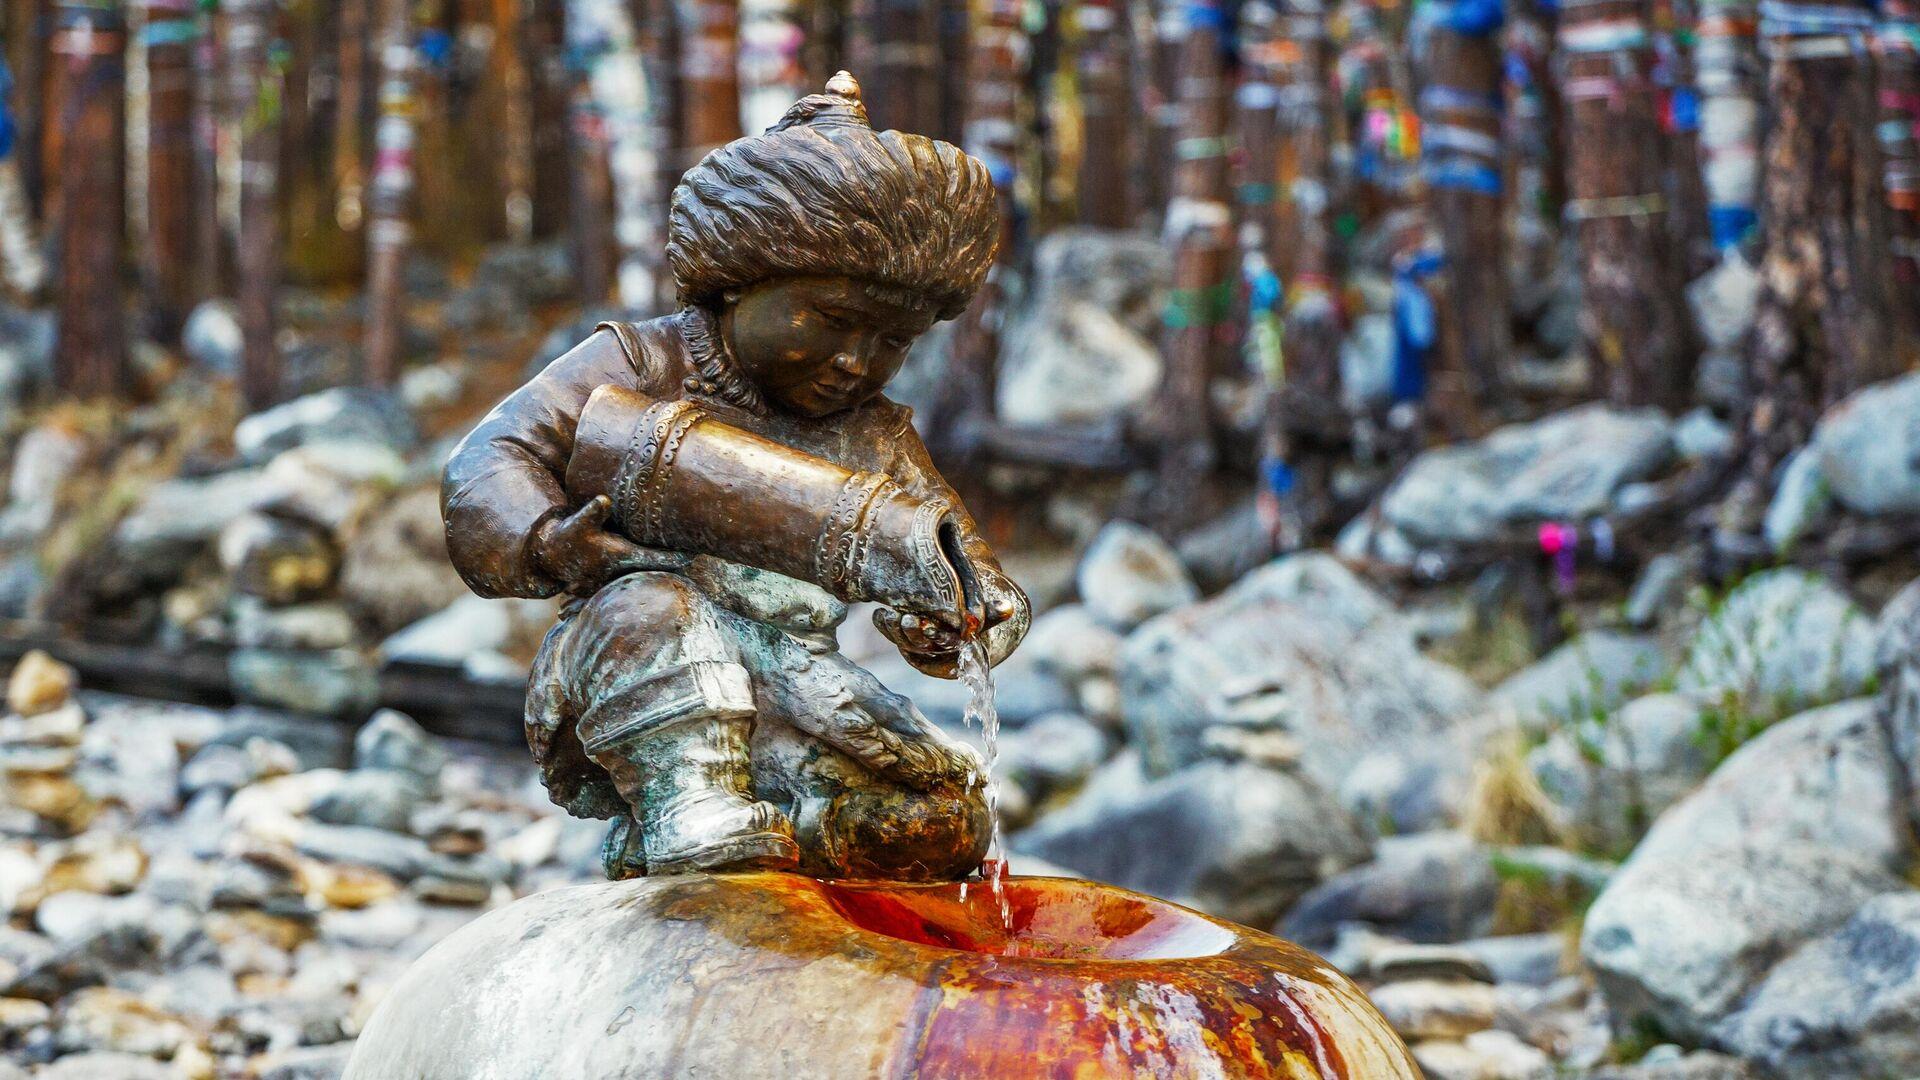 Бронзовая скульптура мальчика с кувшином, из которого льется целебная вода в Тункинском районе республики Бурятия - РИА Новости, 1920, 06.08.2020